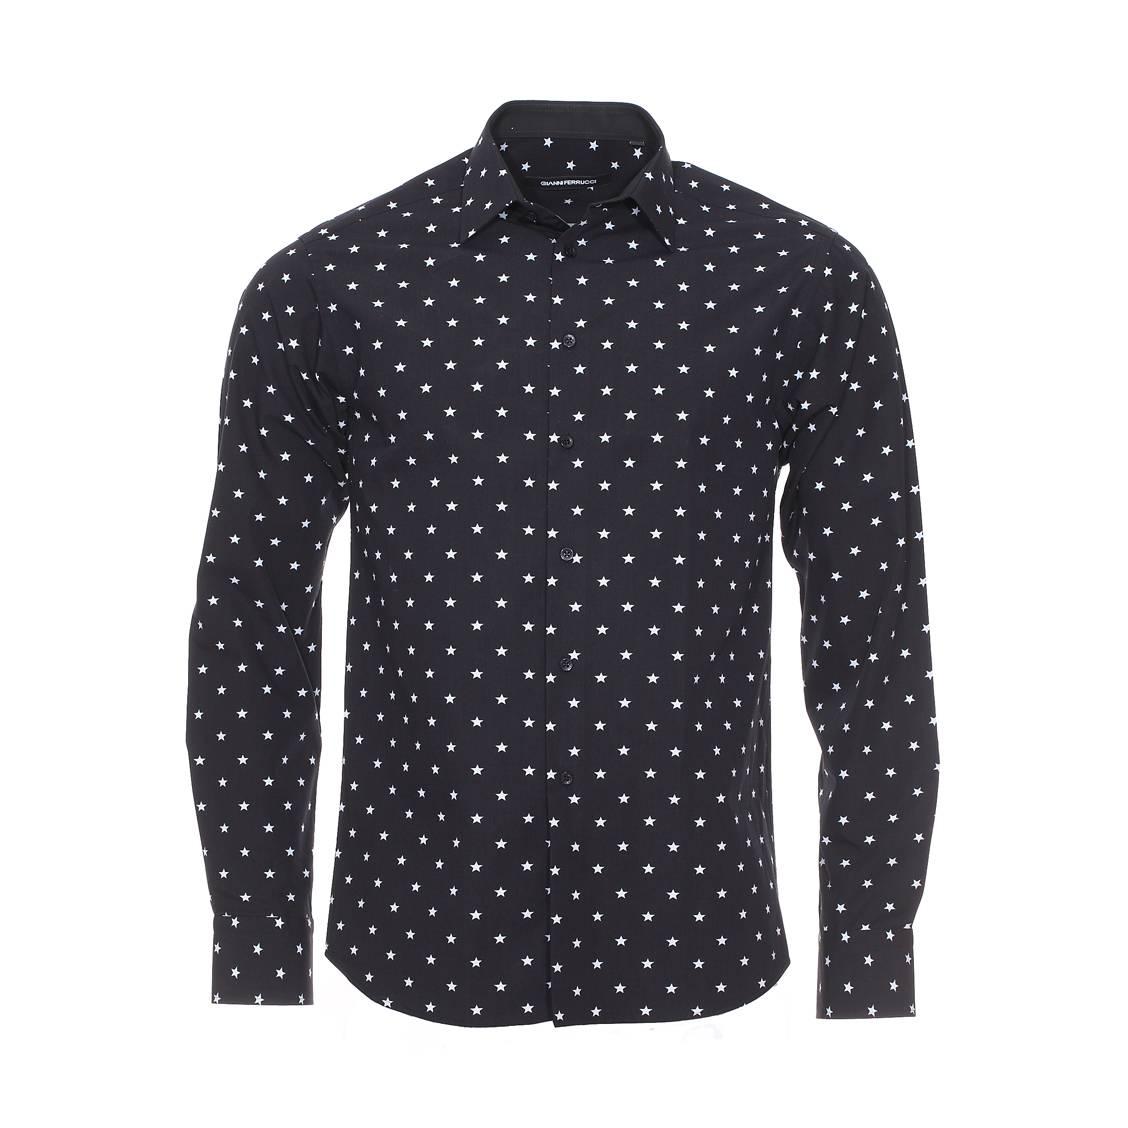 Chemise droite manches longues  en coton noir à étoiles gris clair